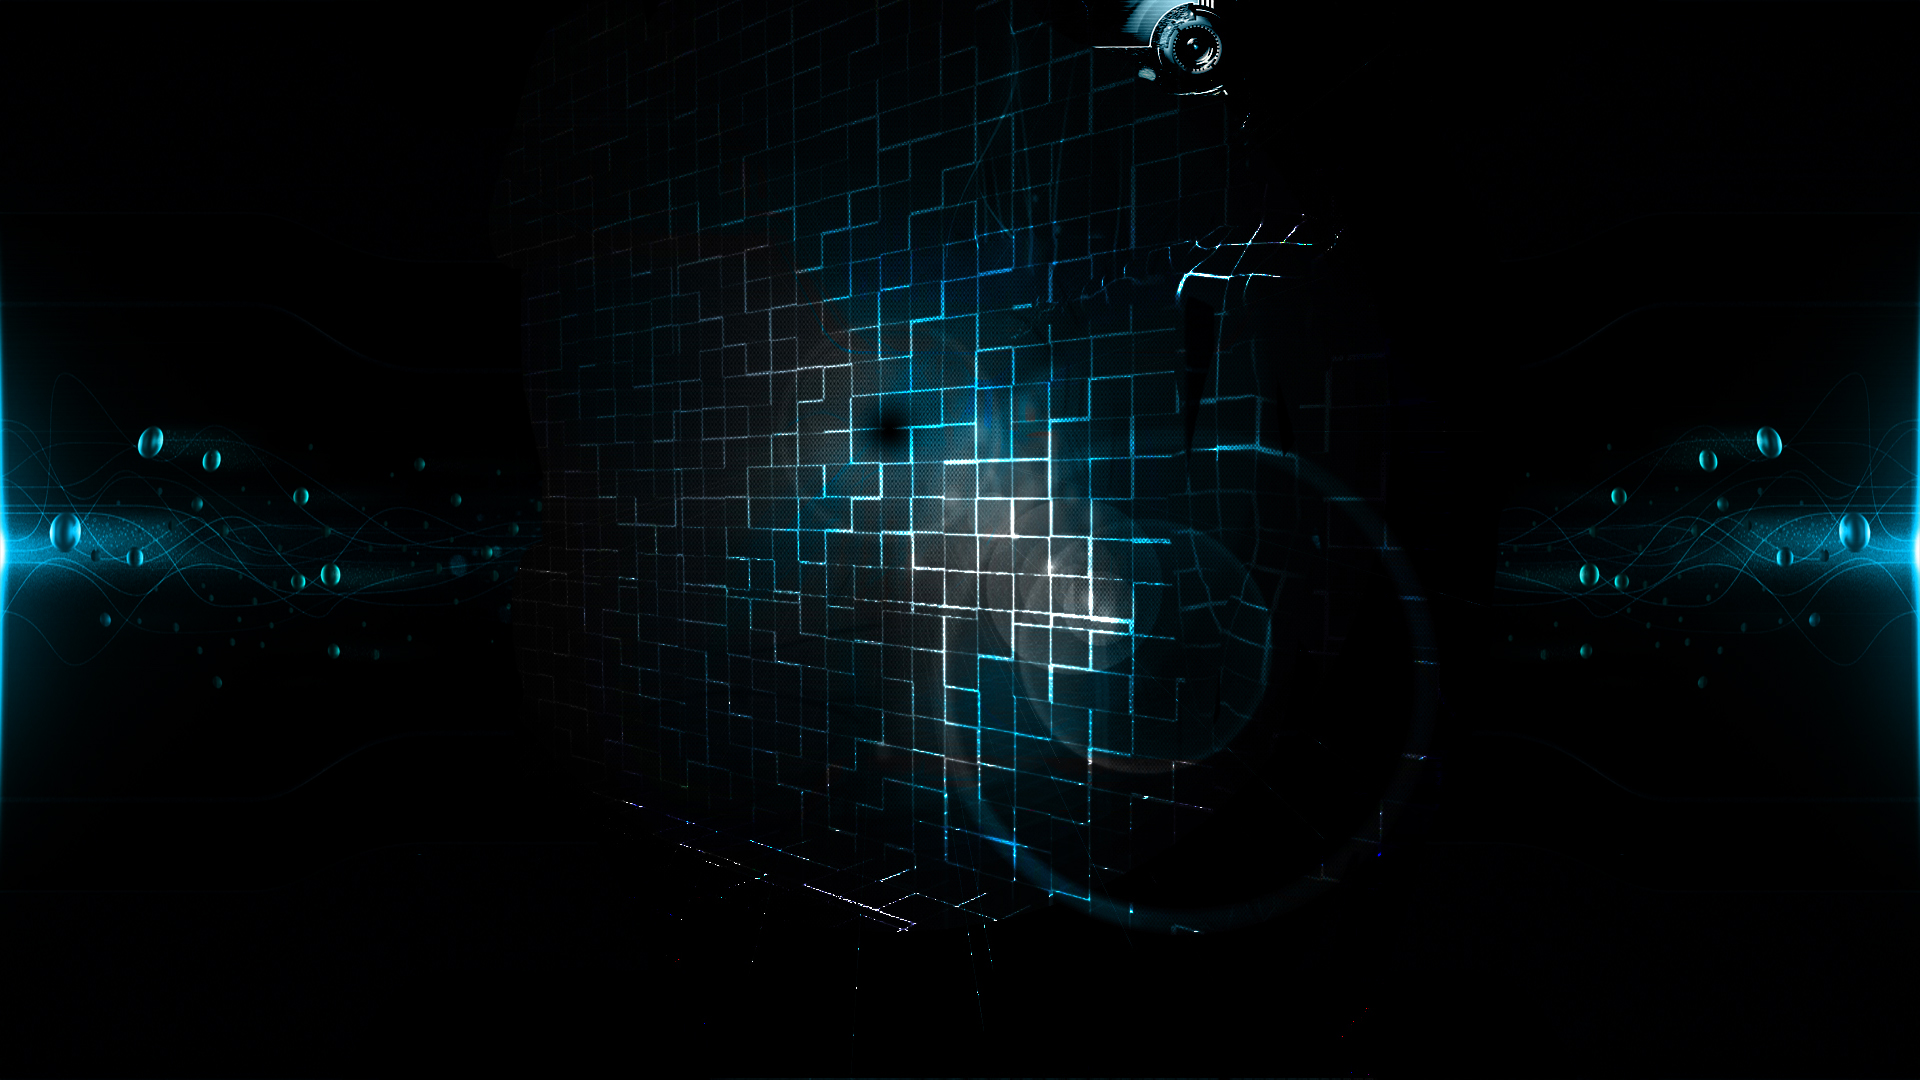 45 Rammstein HD Обои  Фоны  Wallpaper Abyss